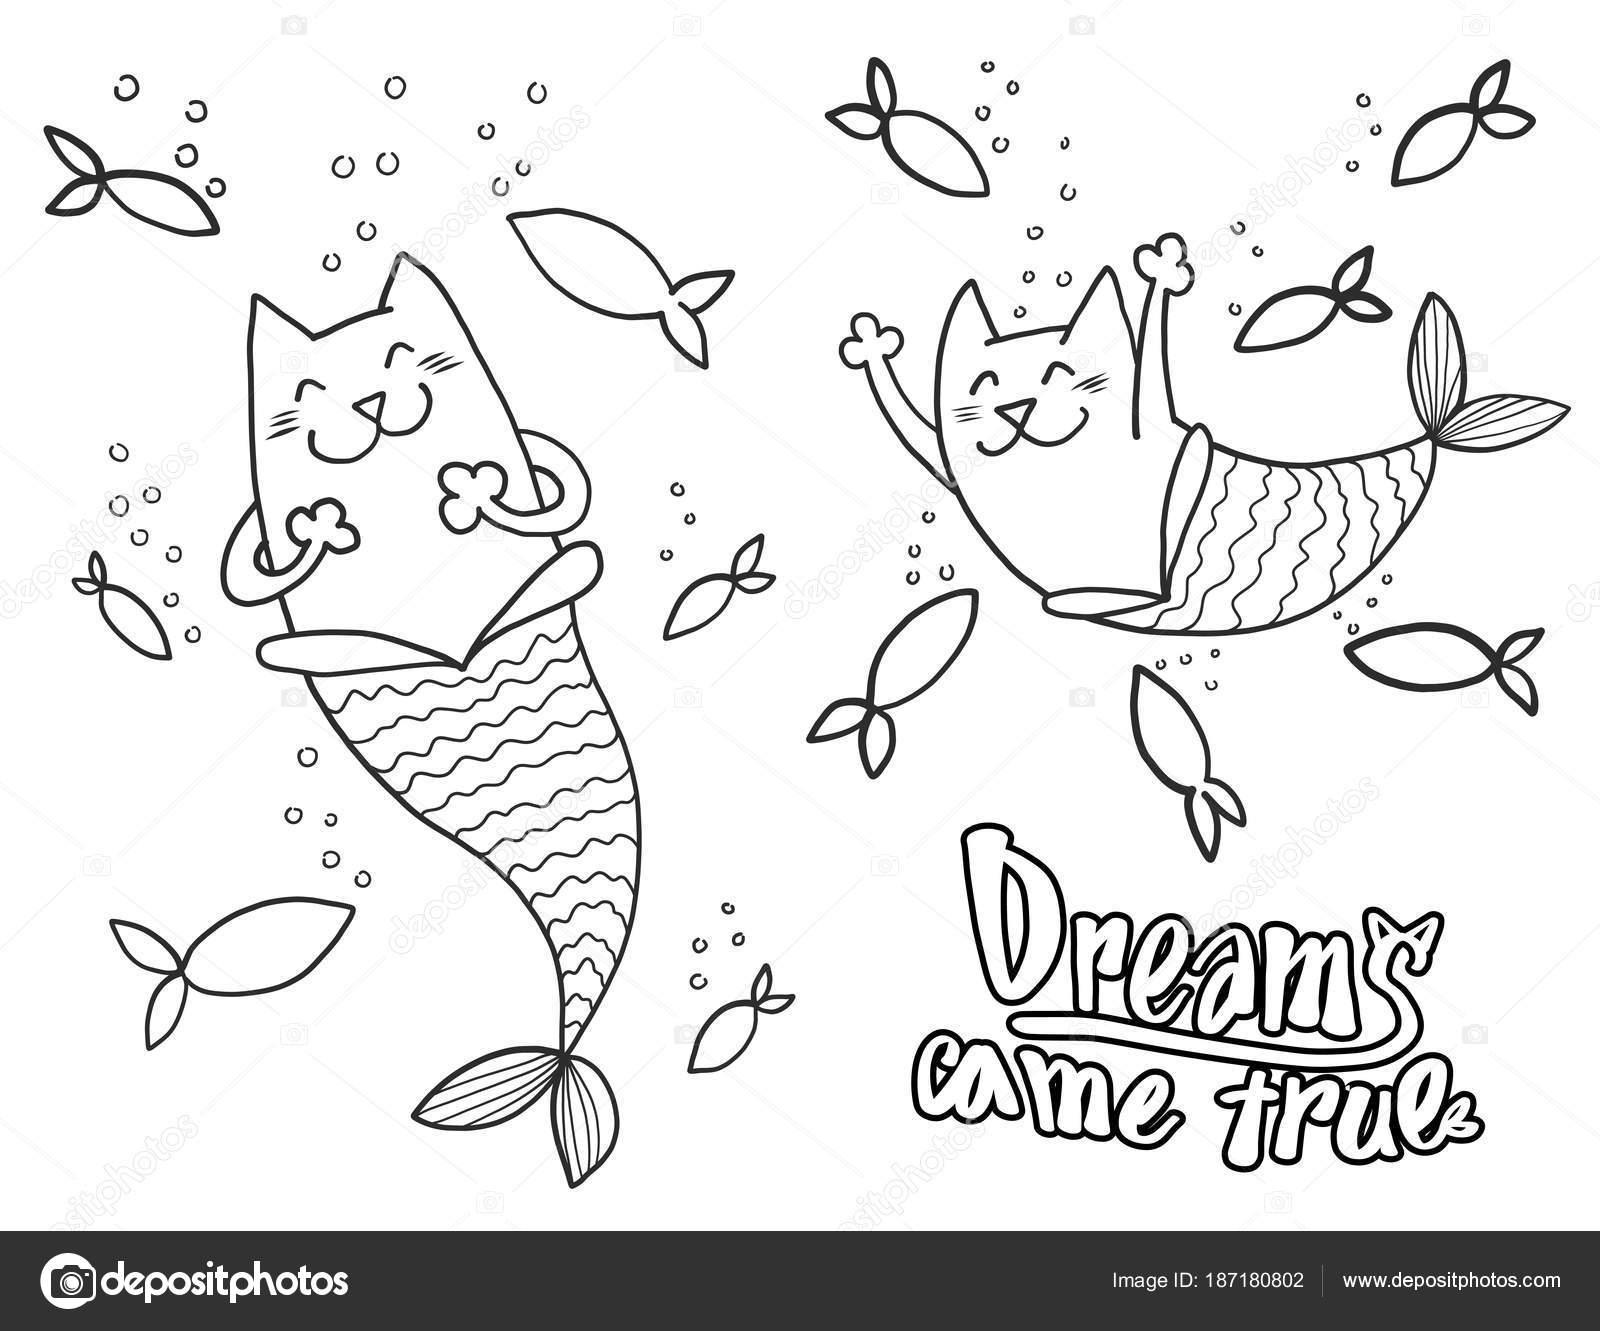 Cartoon Doodle Katze Meerjungfrau Und Fisch Mit Text Träume Kam Wahr